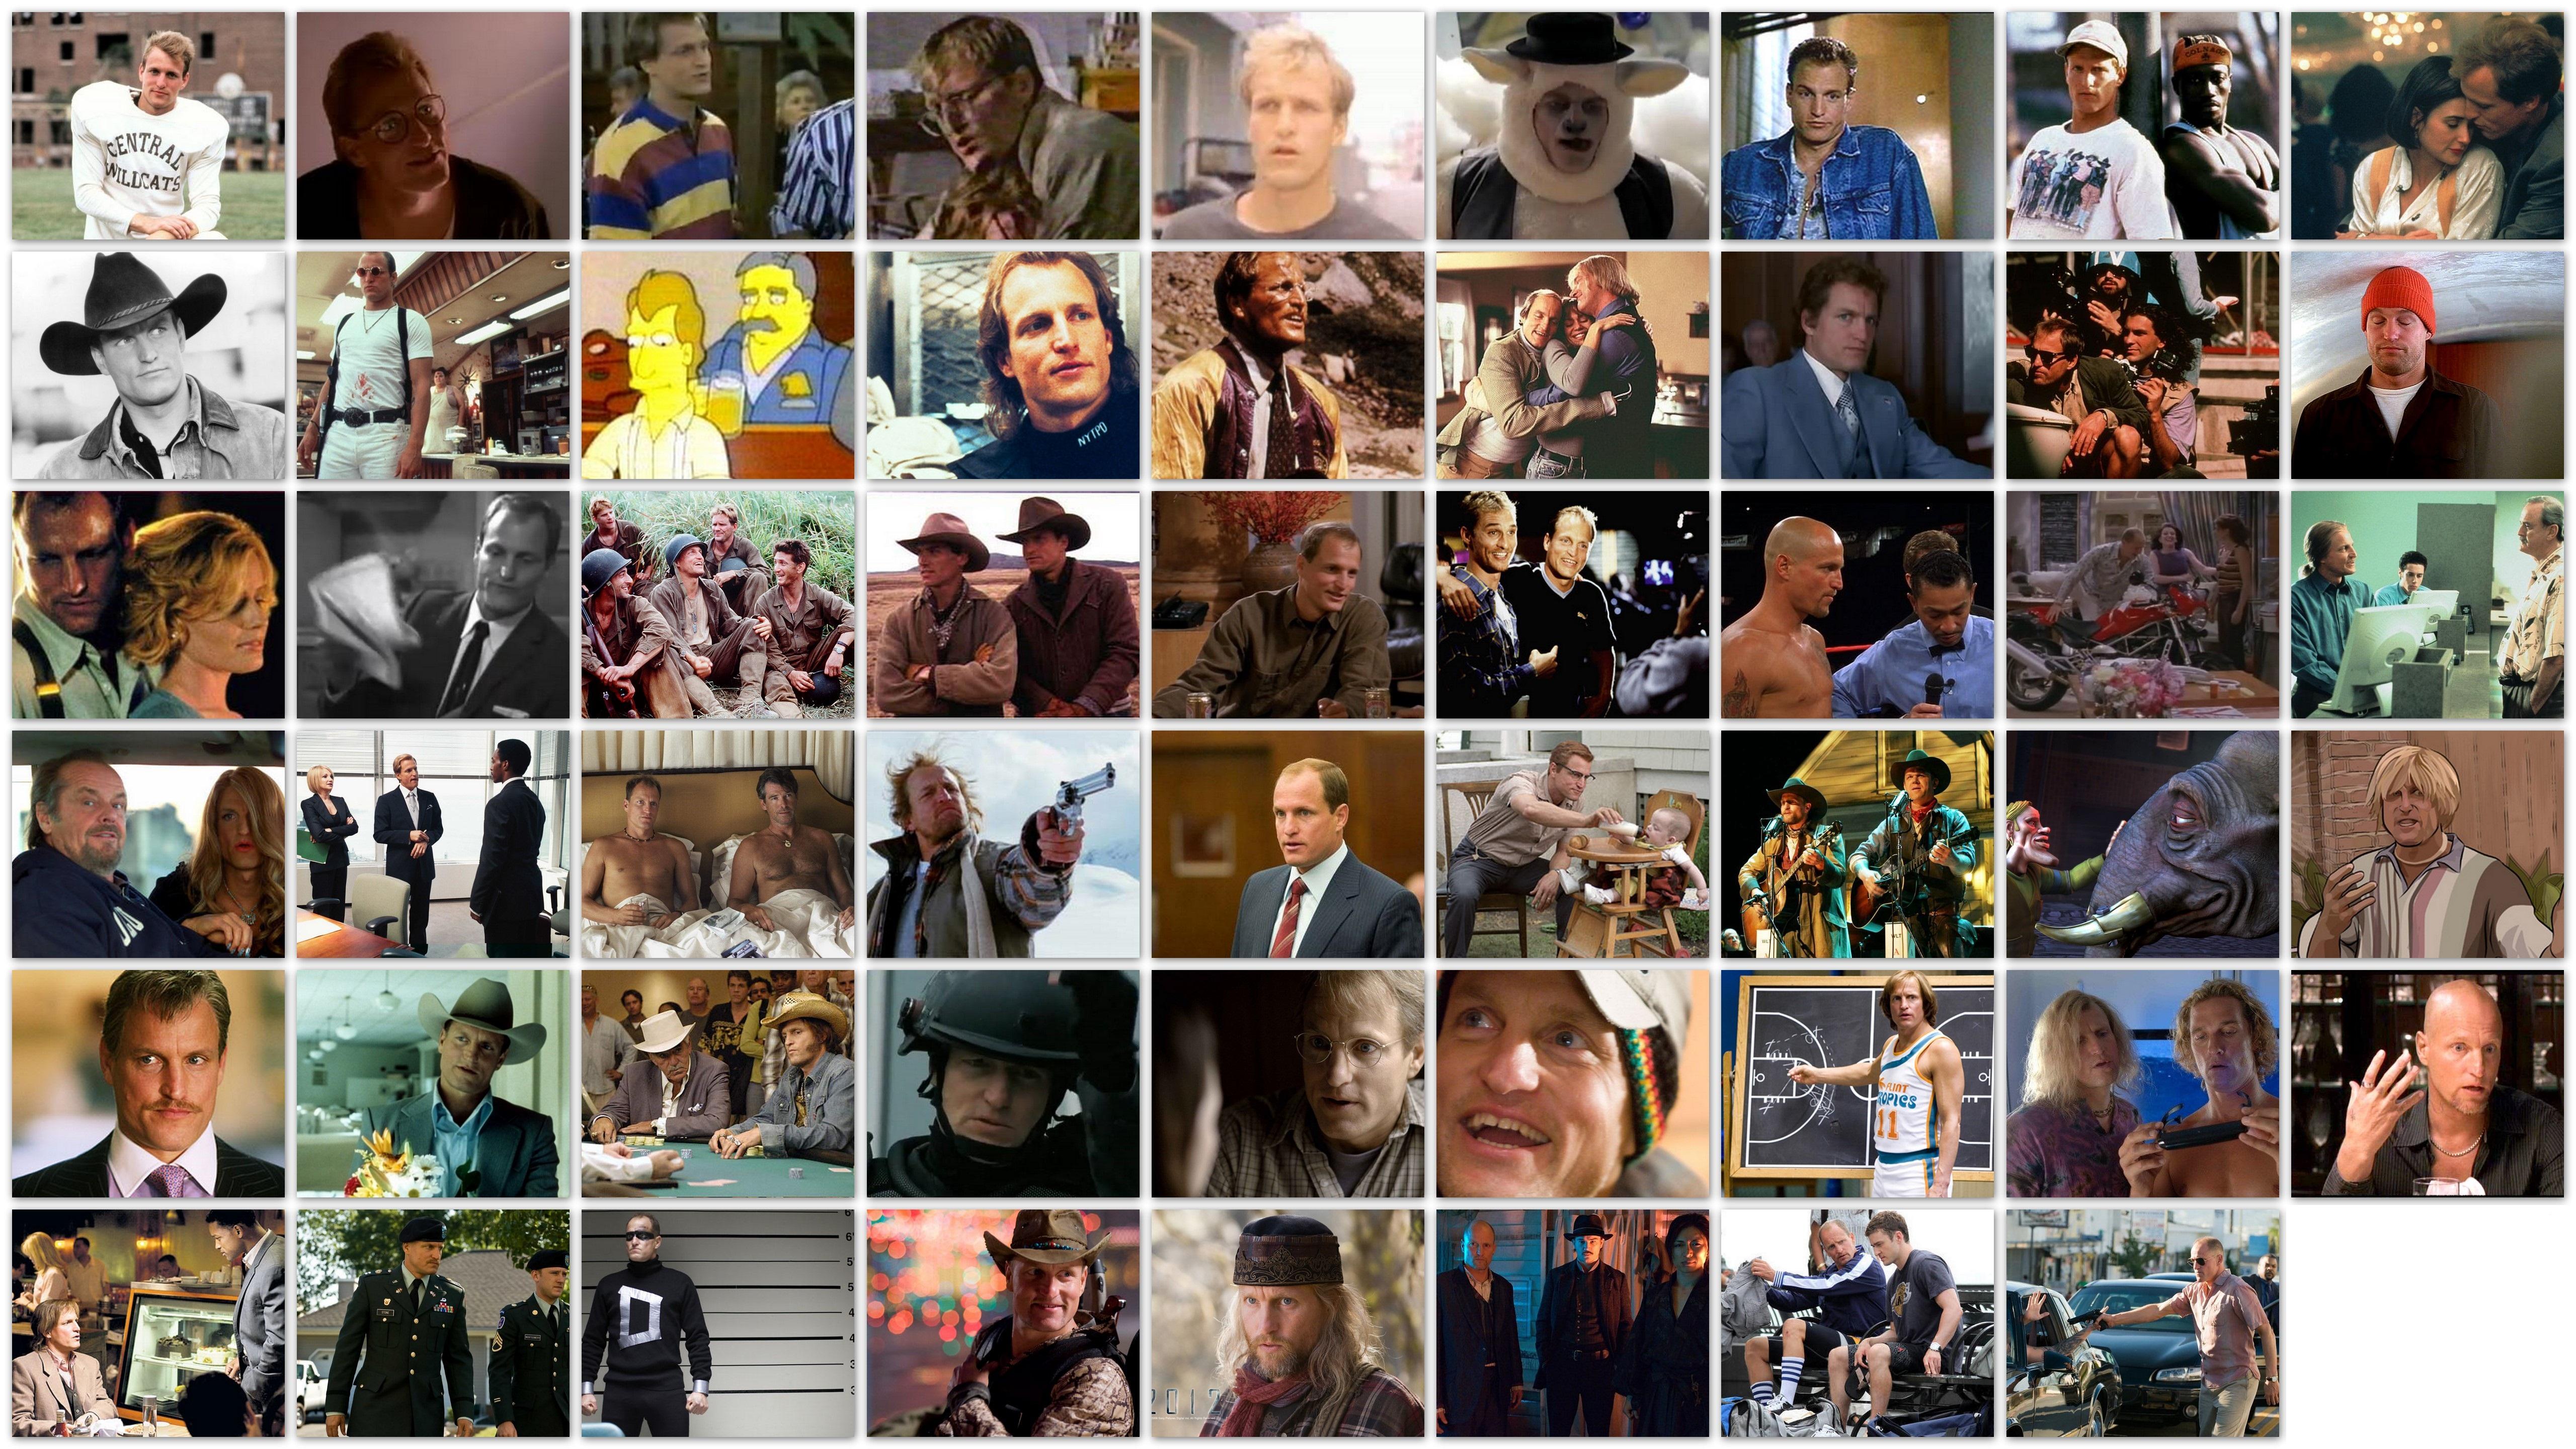 De vele gezichten van Woody Harrelson overzicht films